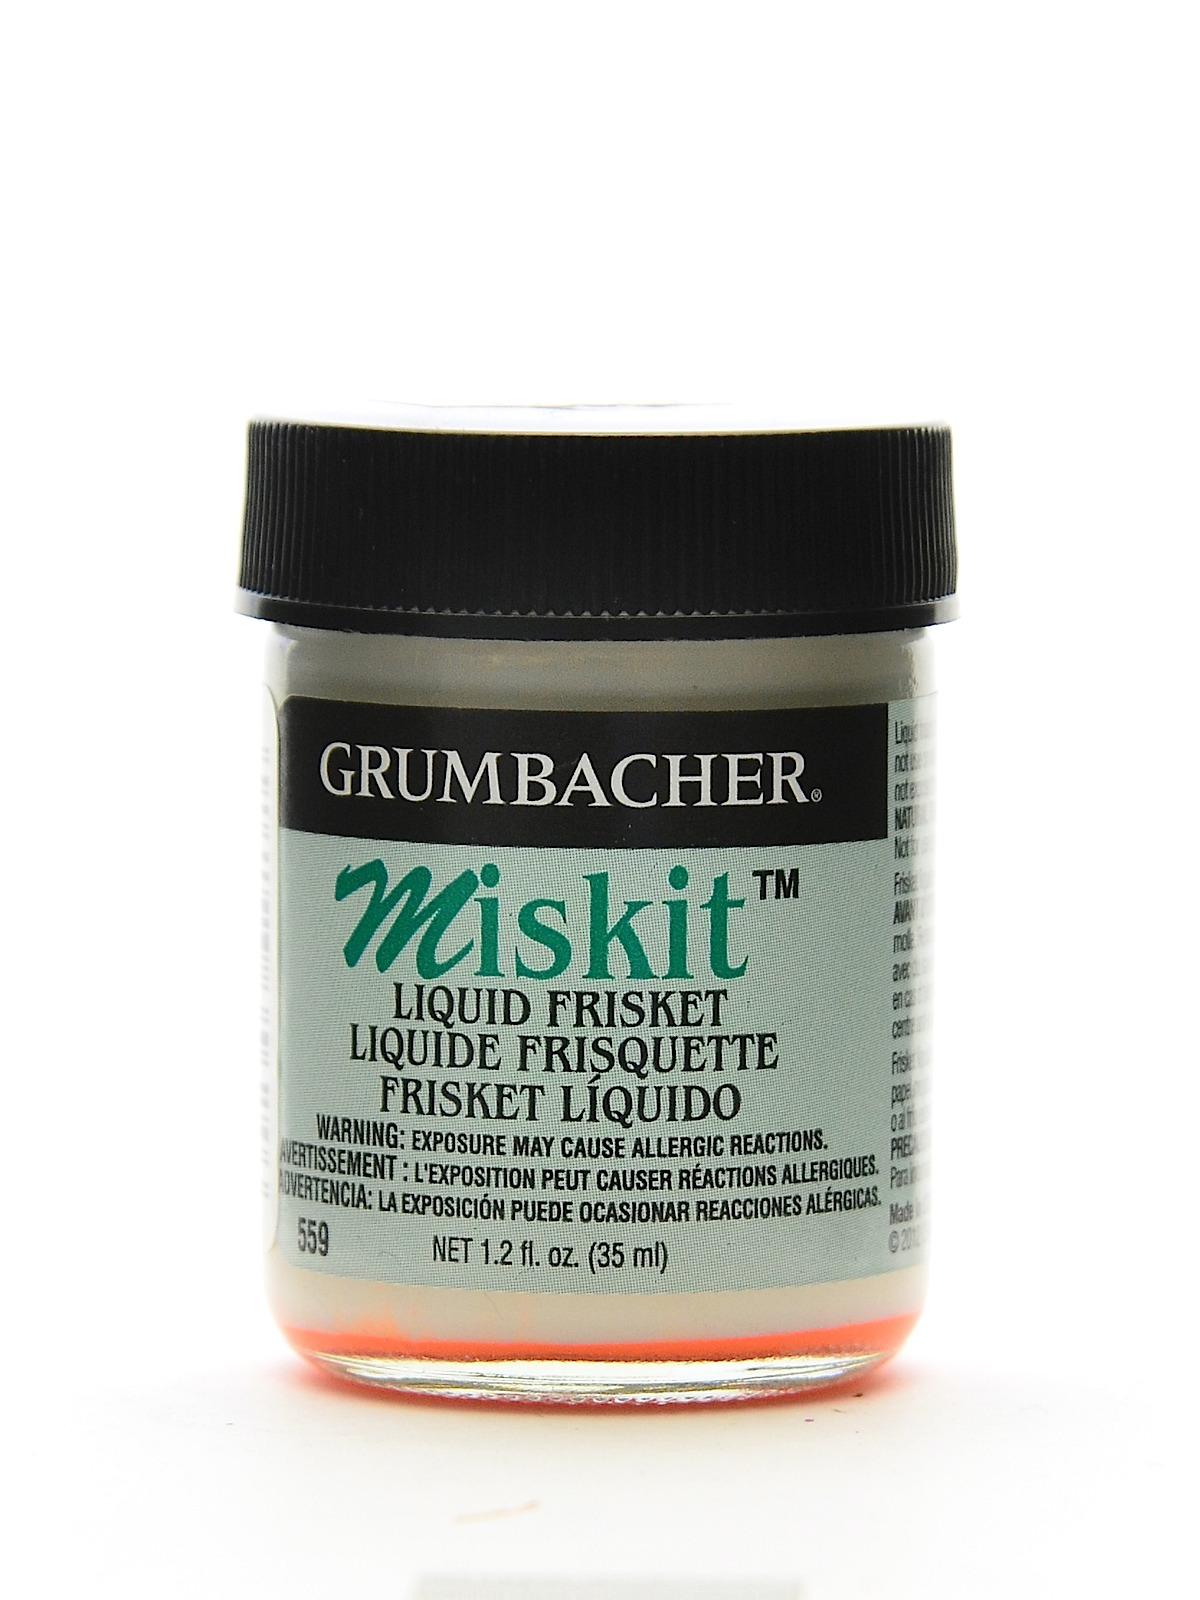 Miskit Liquid Frisket